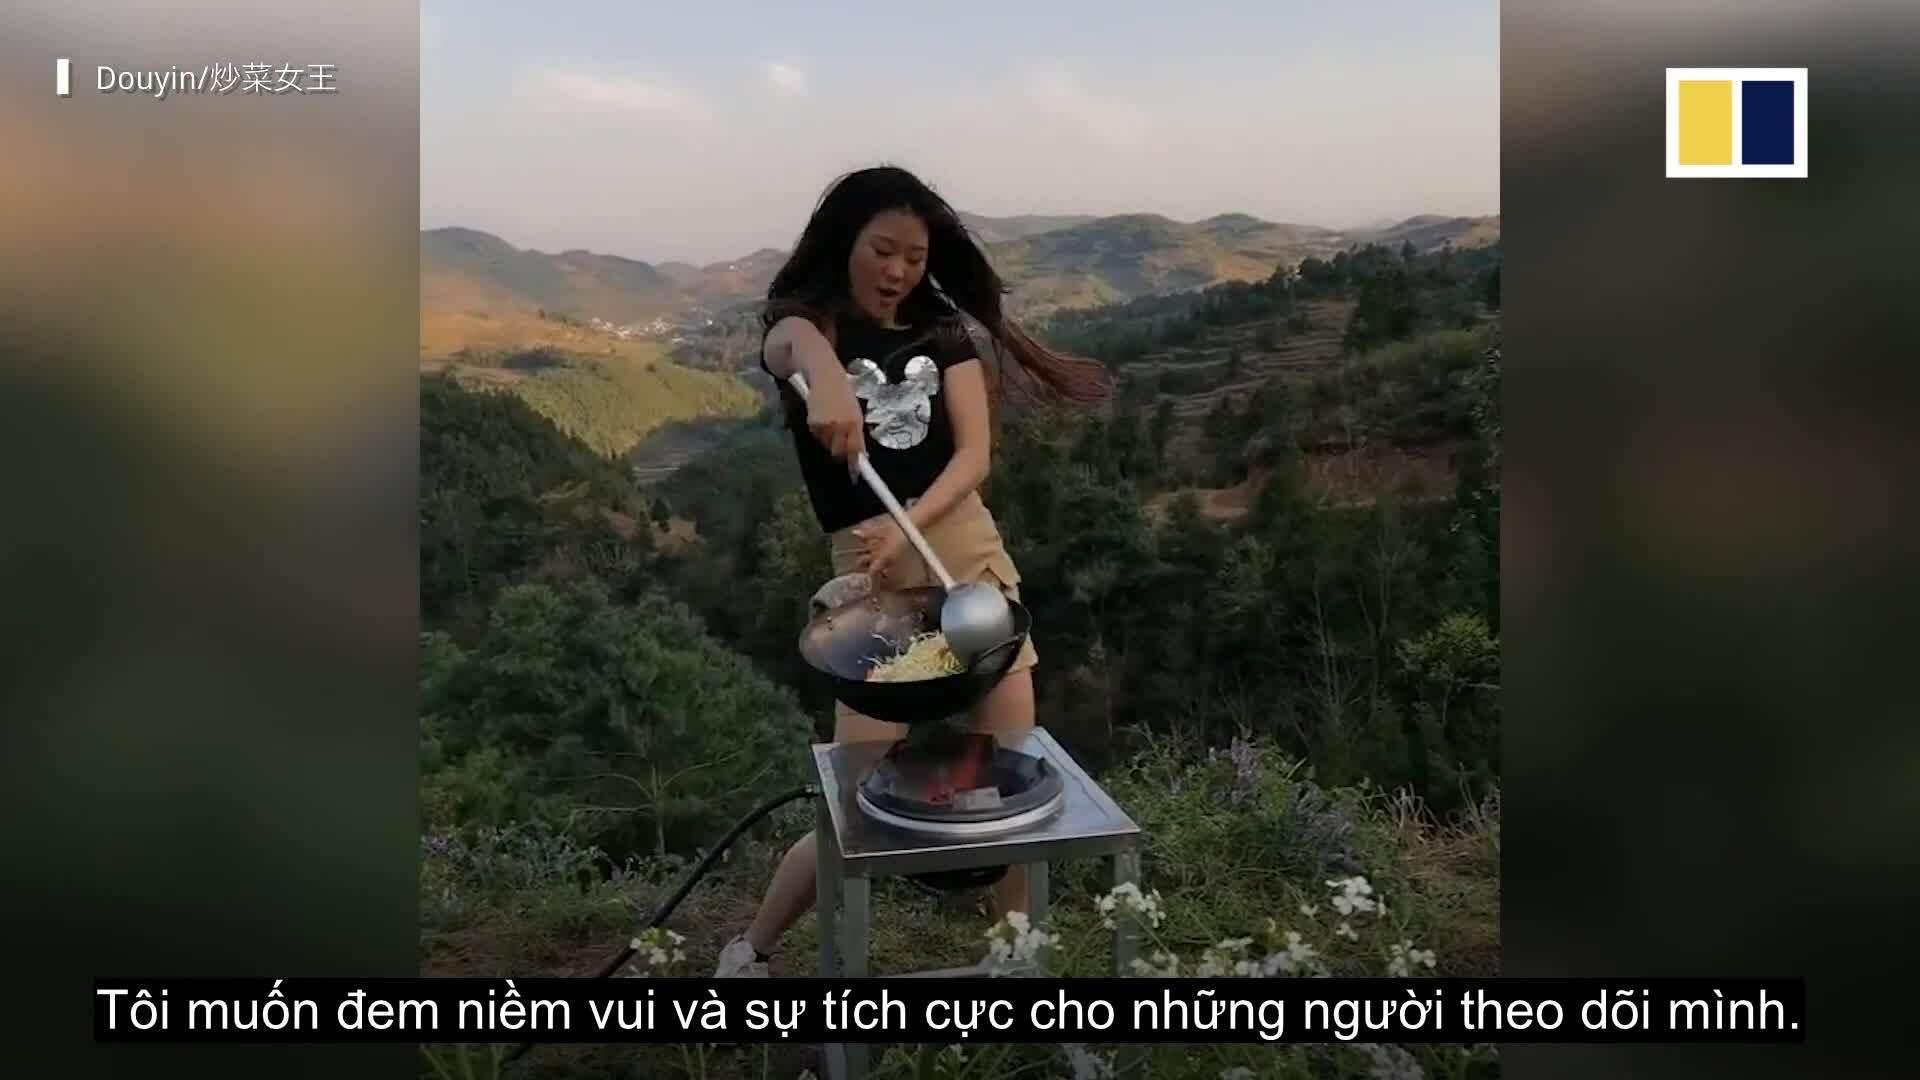 Màn múa chảo 'gây sốt' của cô gái bán cơm chiên